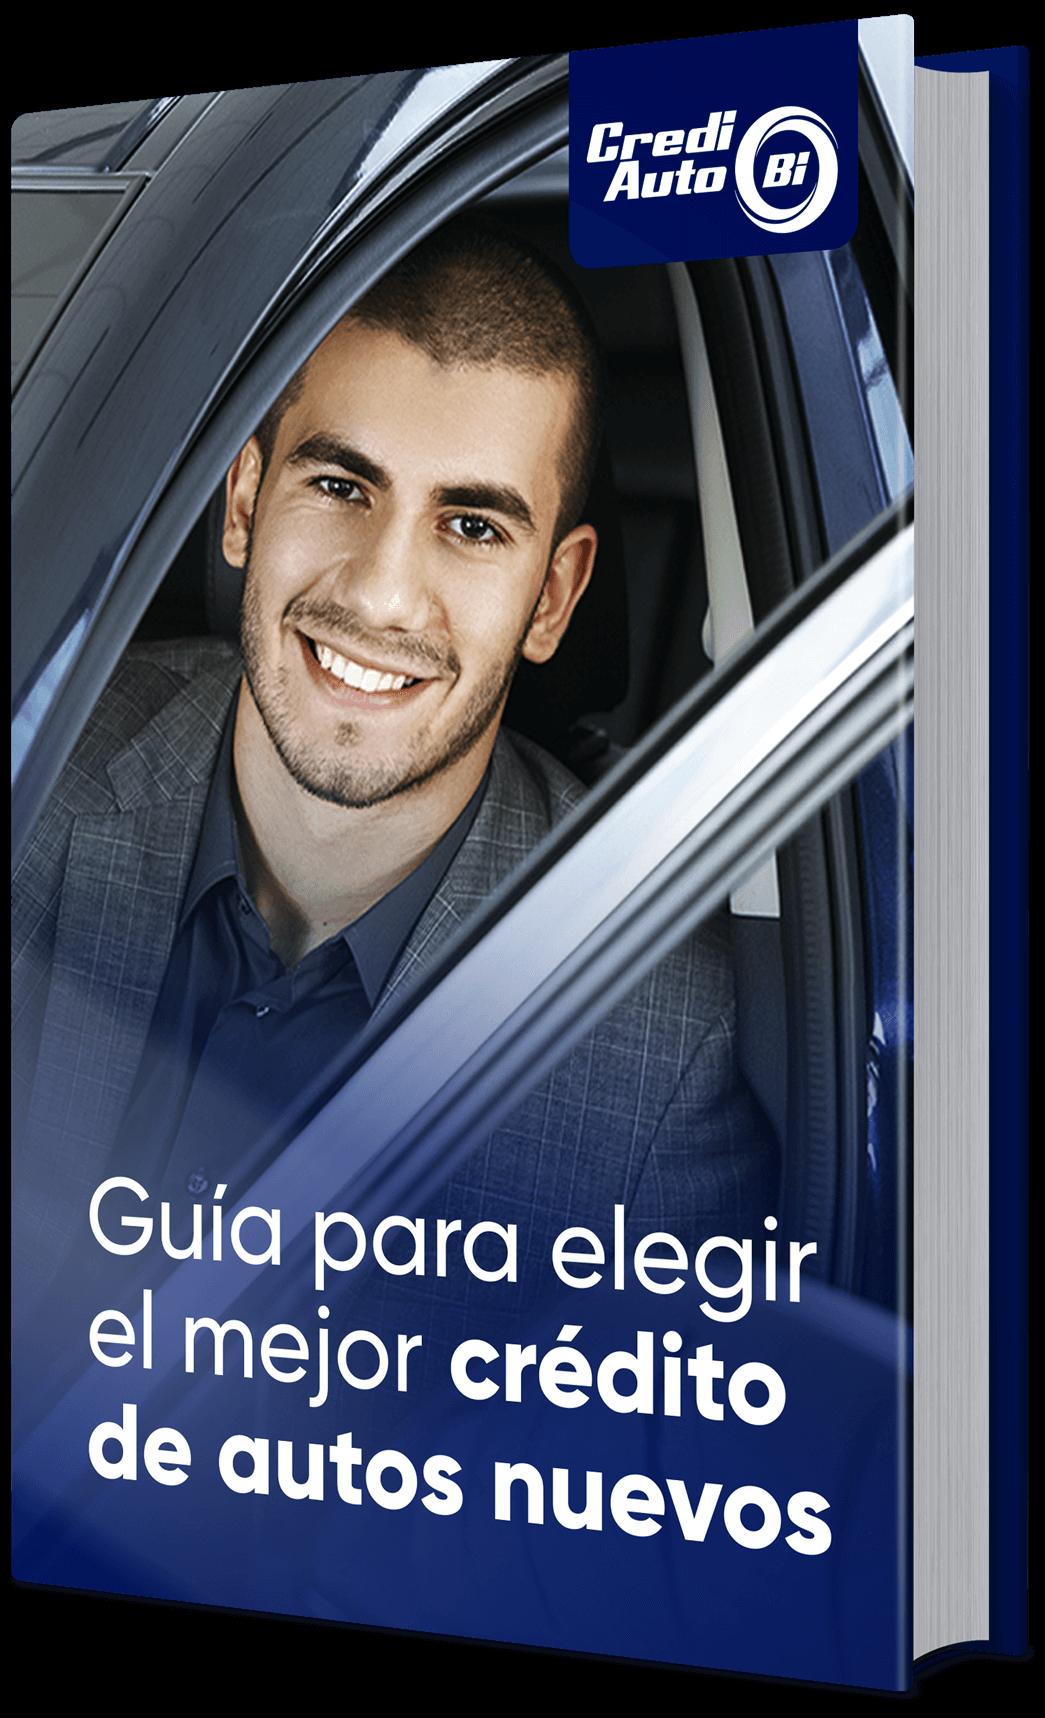 Guía para elegir el mejor crédito de autos nuevos